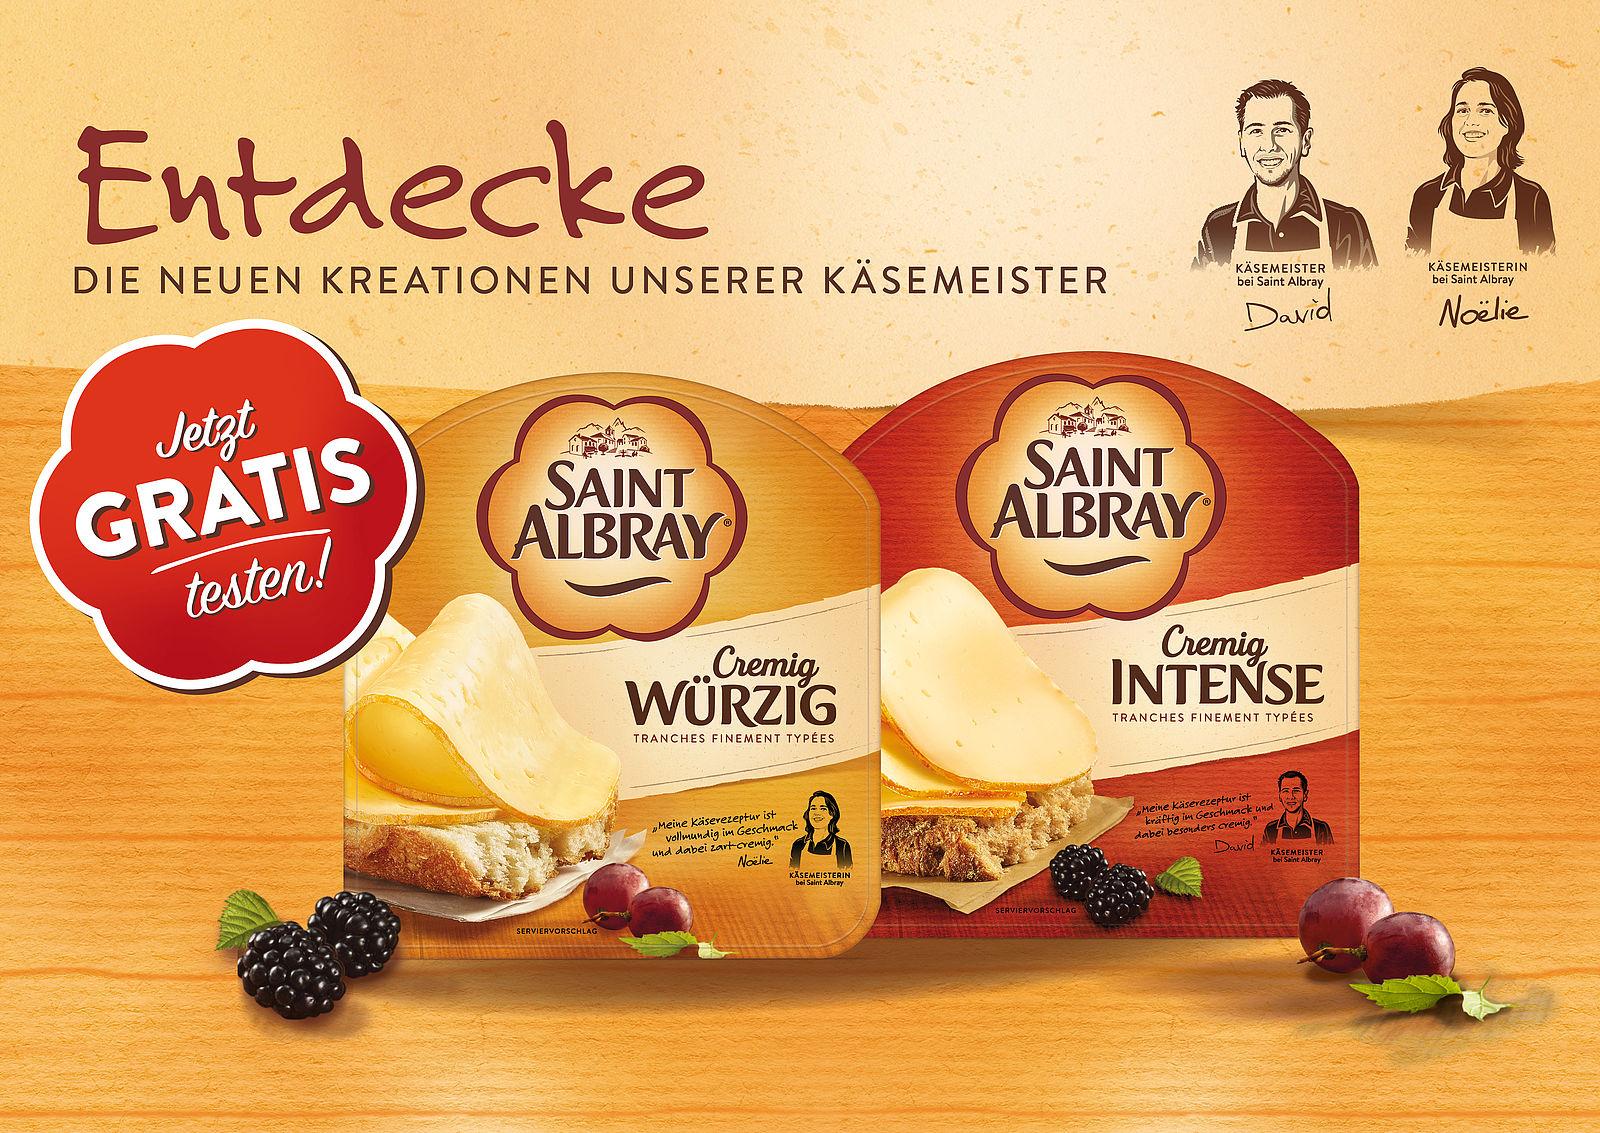 Kostenlos testen 100% Cashback auf Saint Albray Scheiben GzG